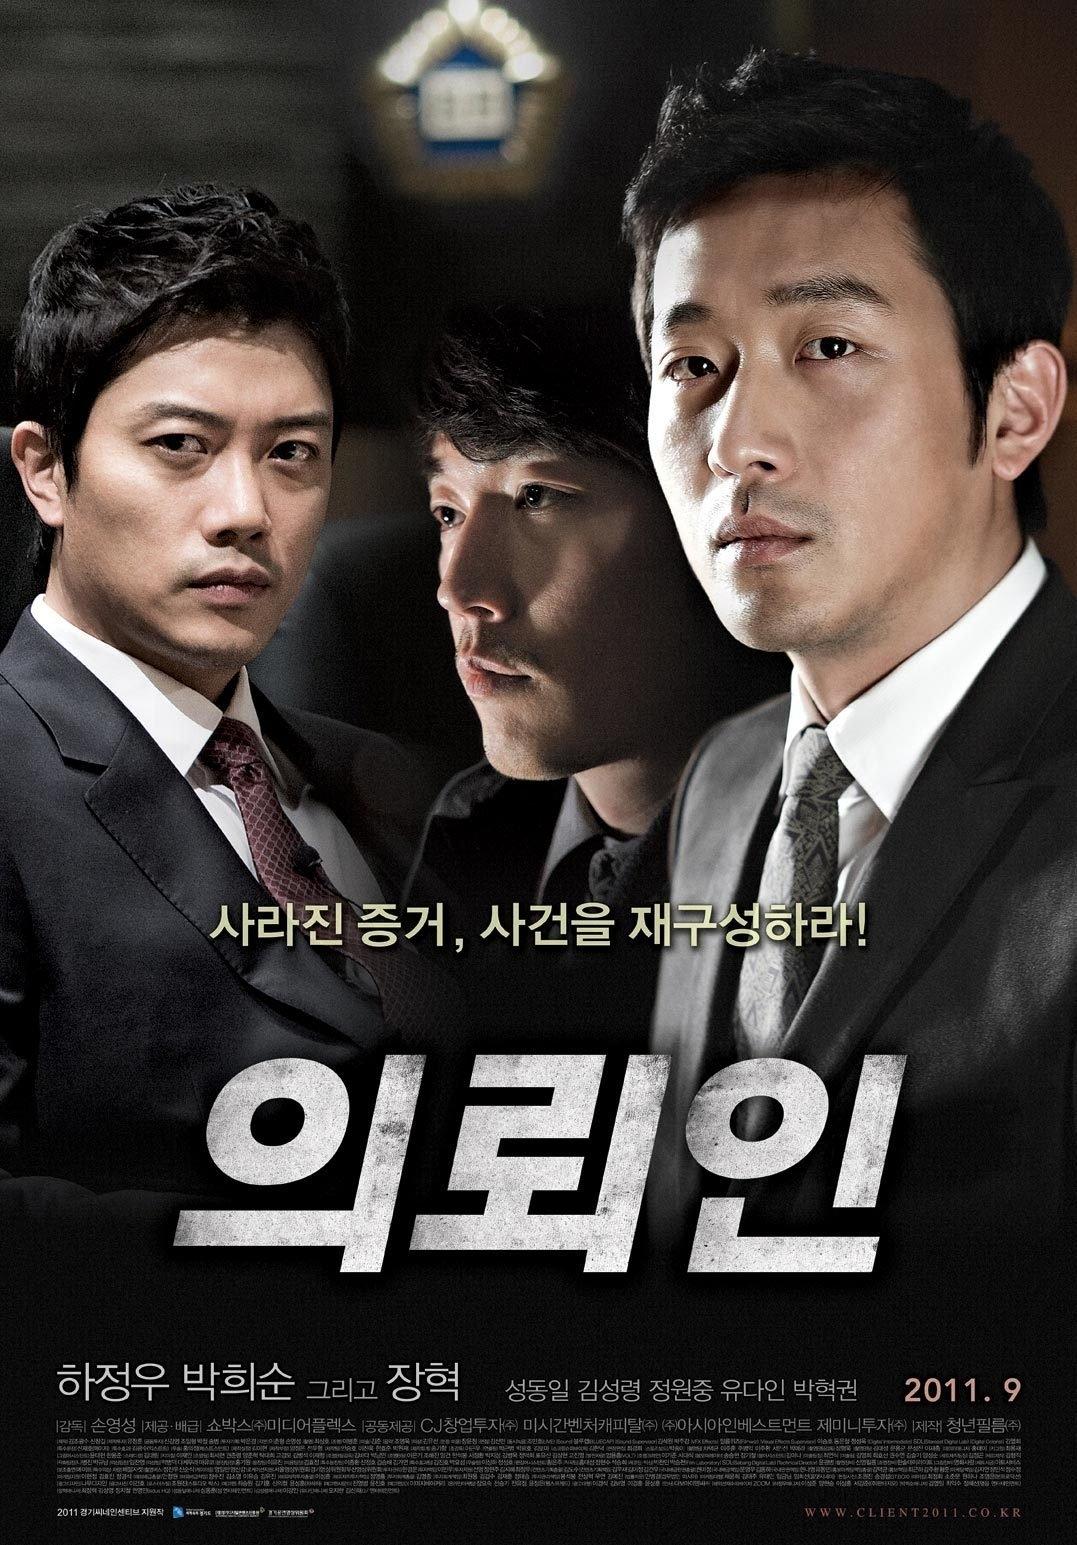 Thân Chủ - The Client (2011)